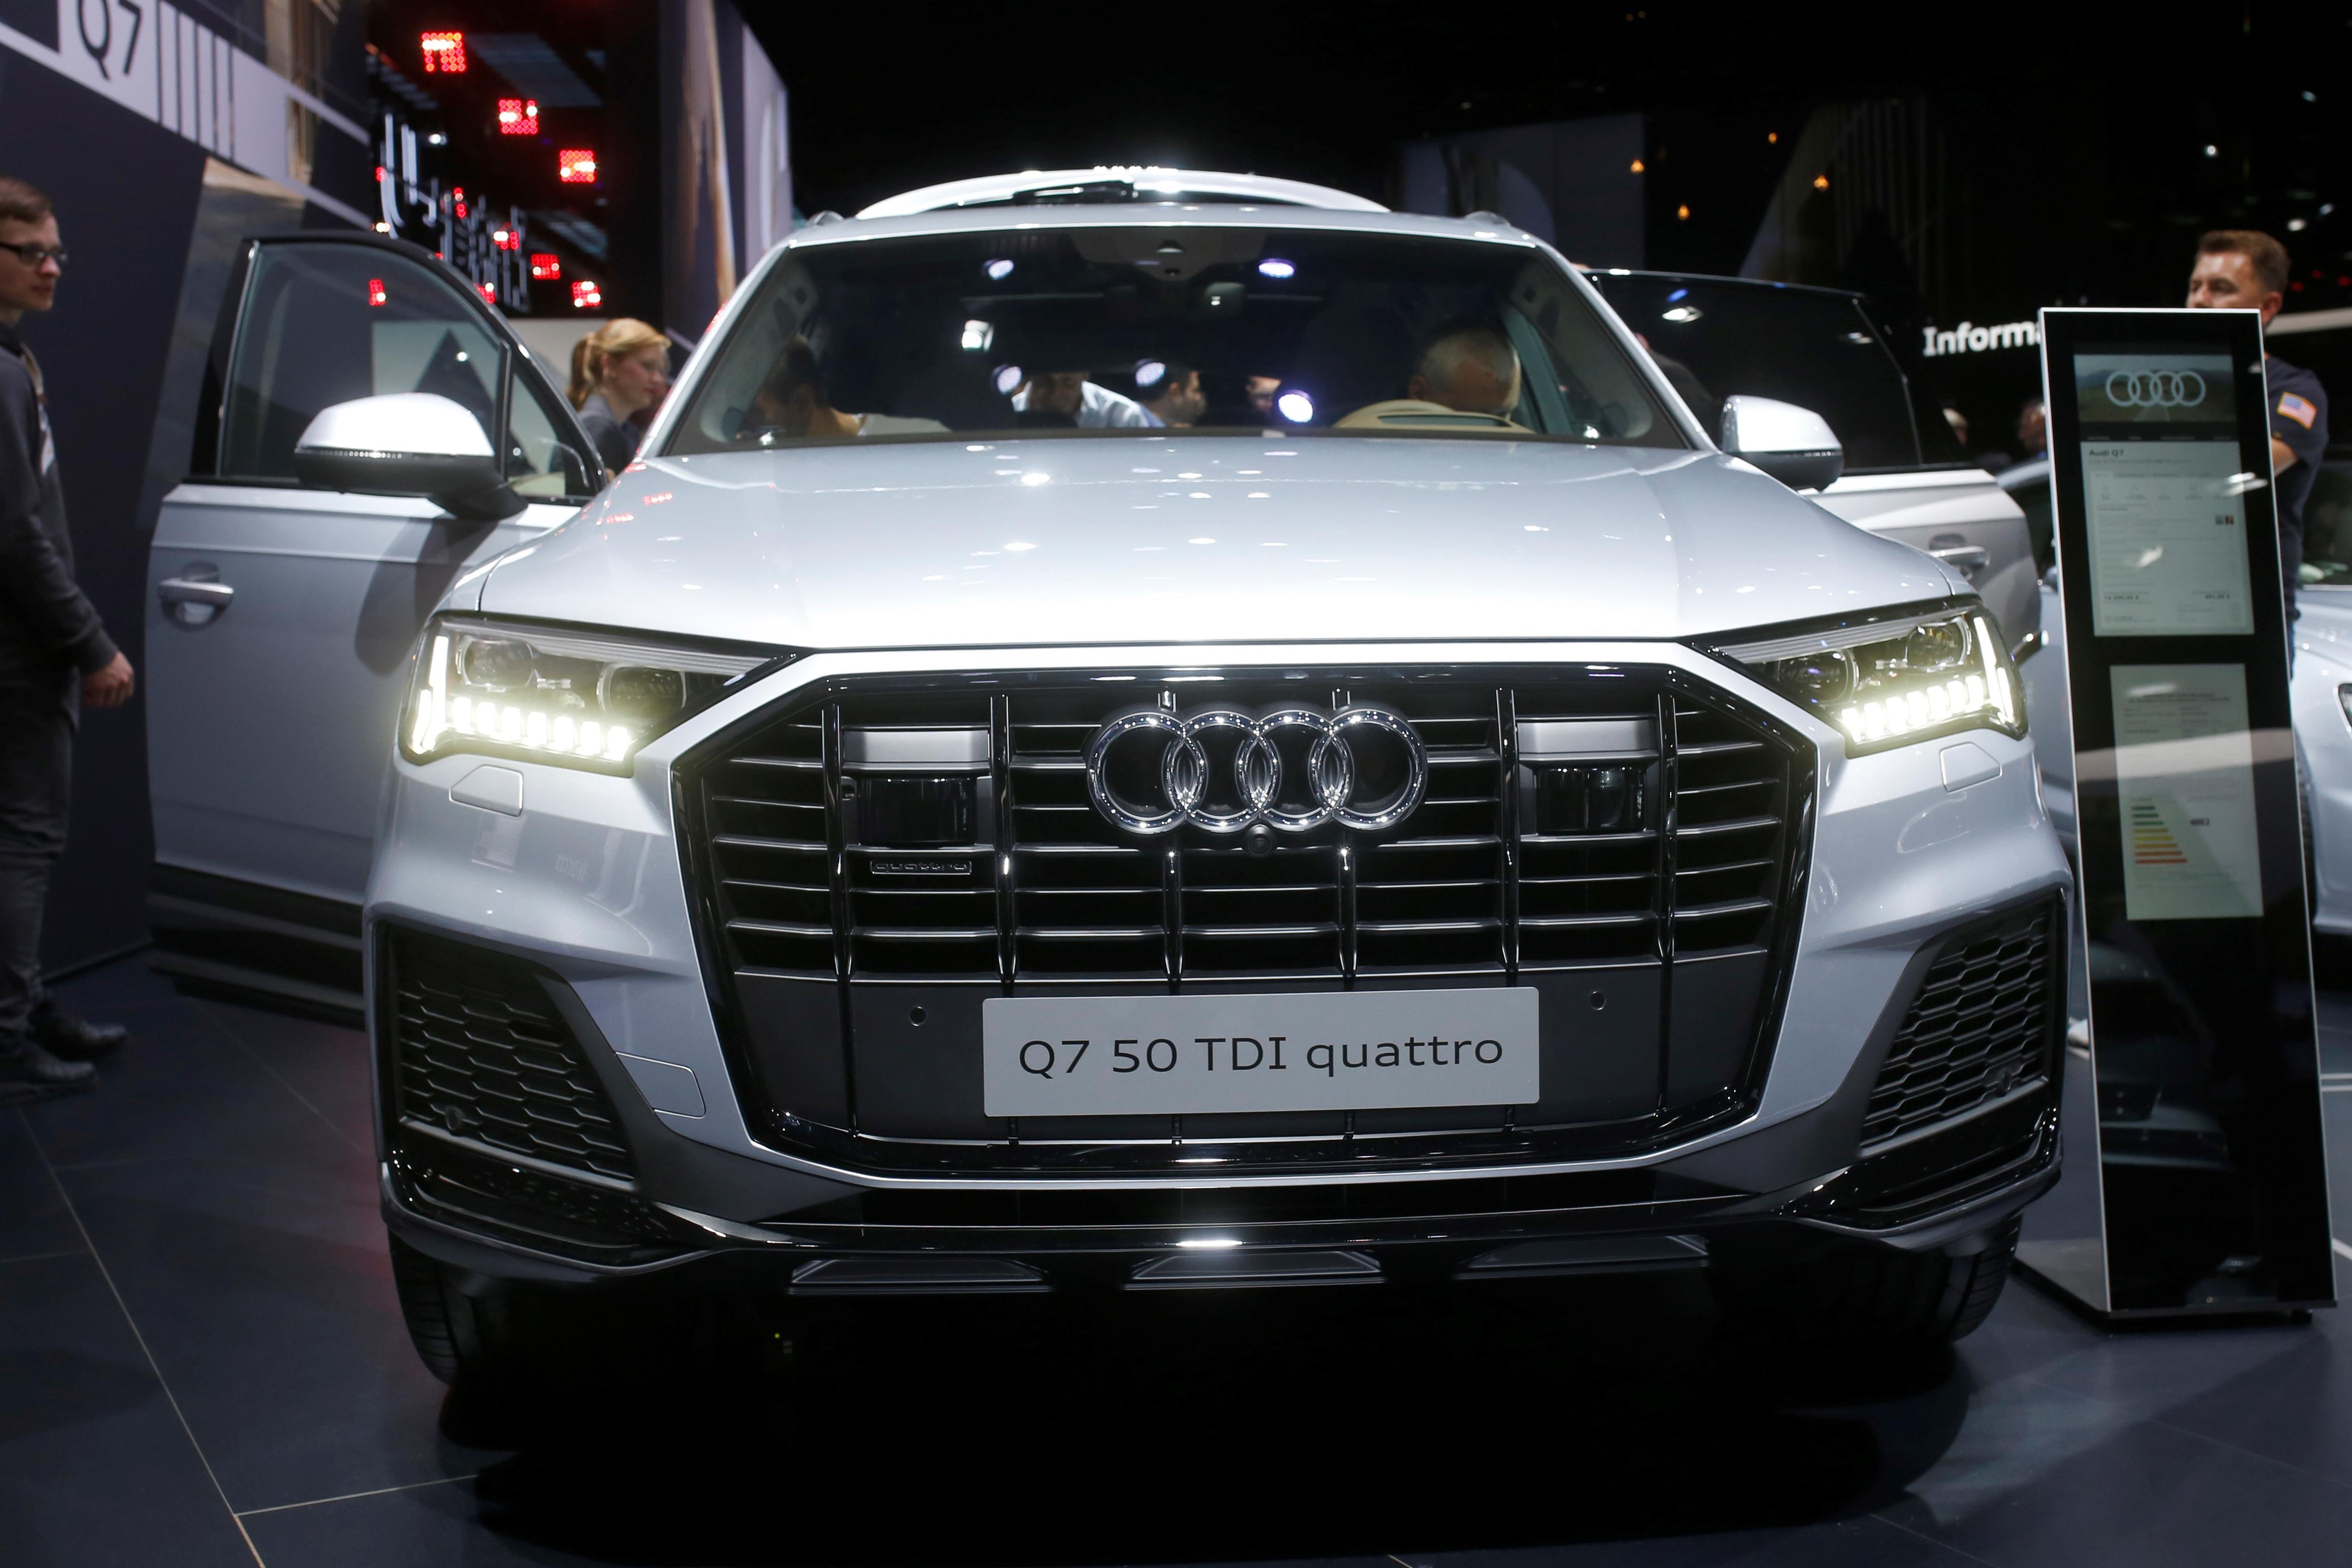 Audi-Chef sieht keine Zukunft für Wasserstoff-Autos